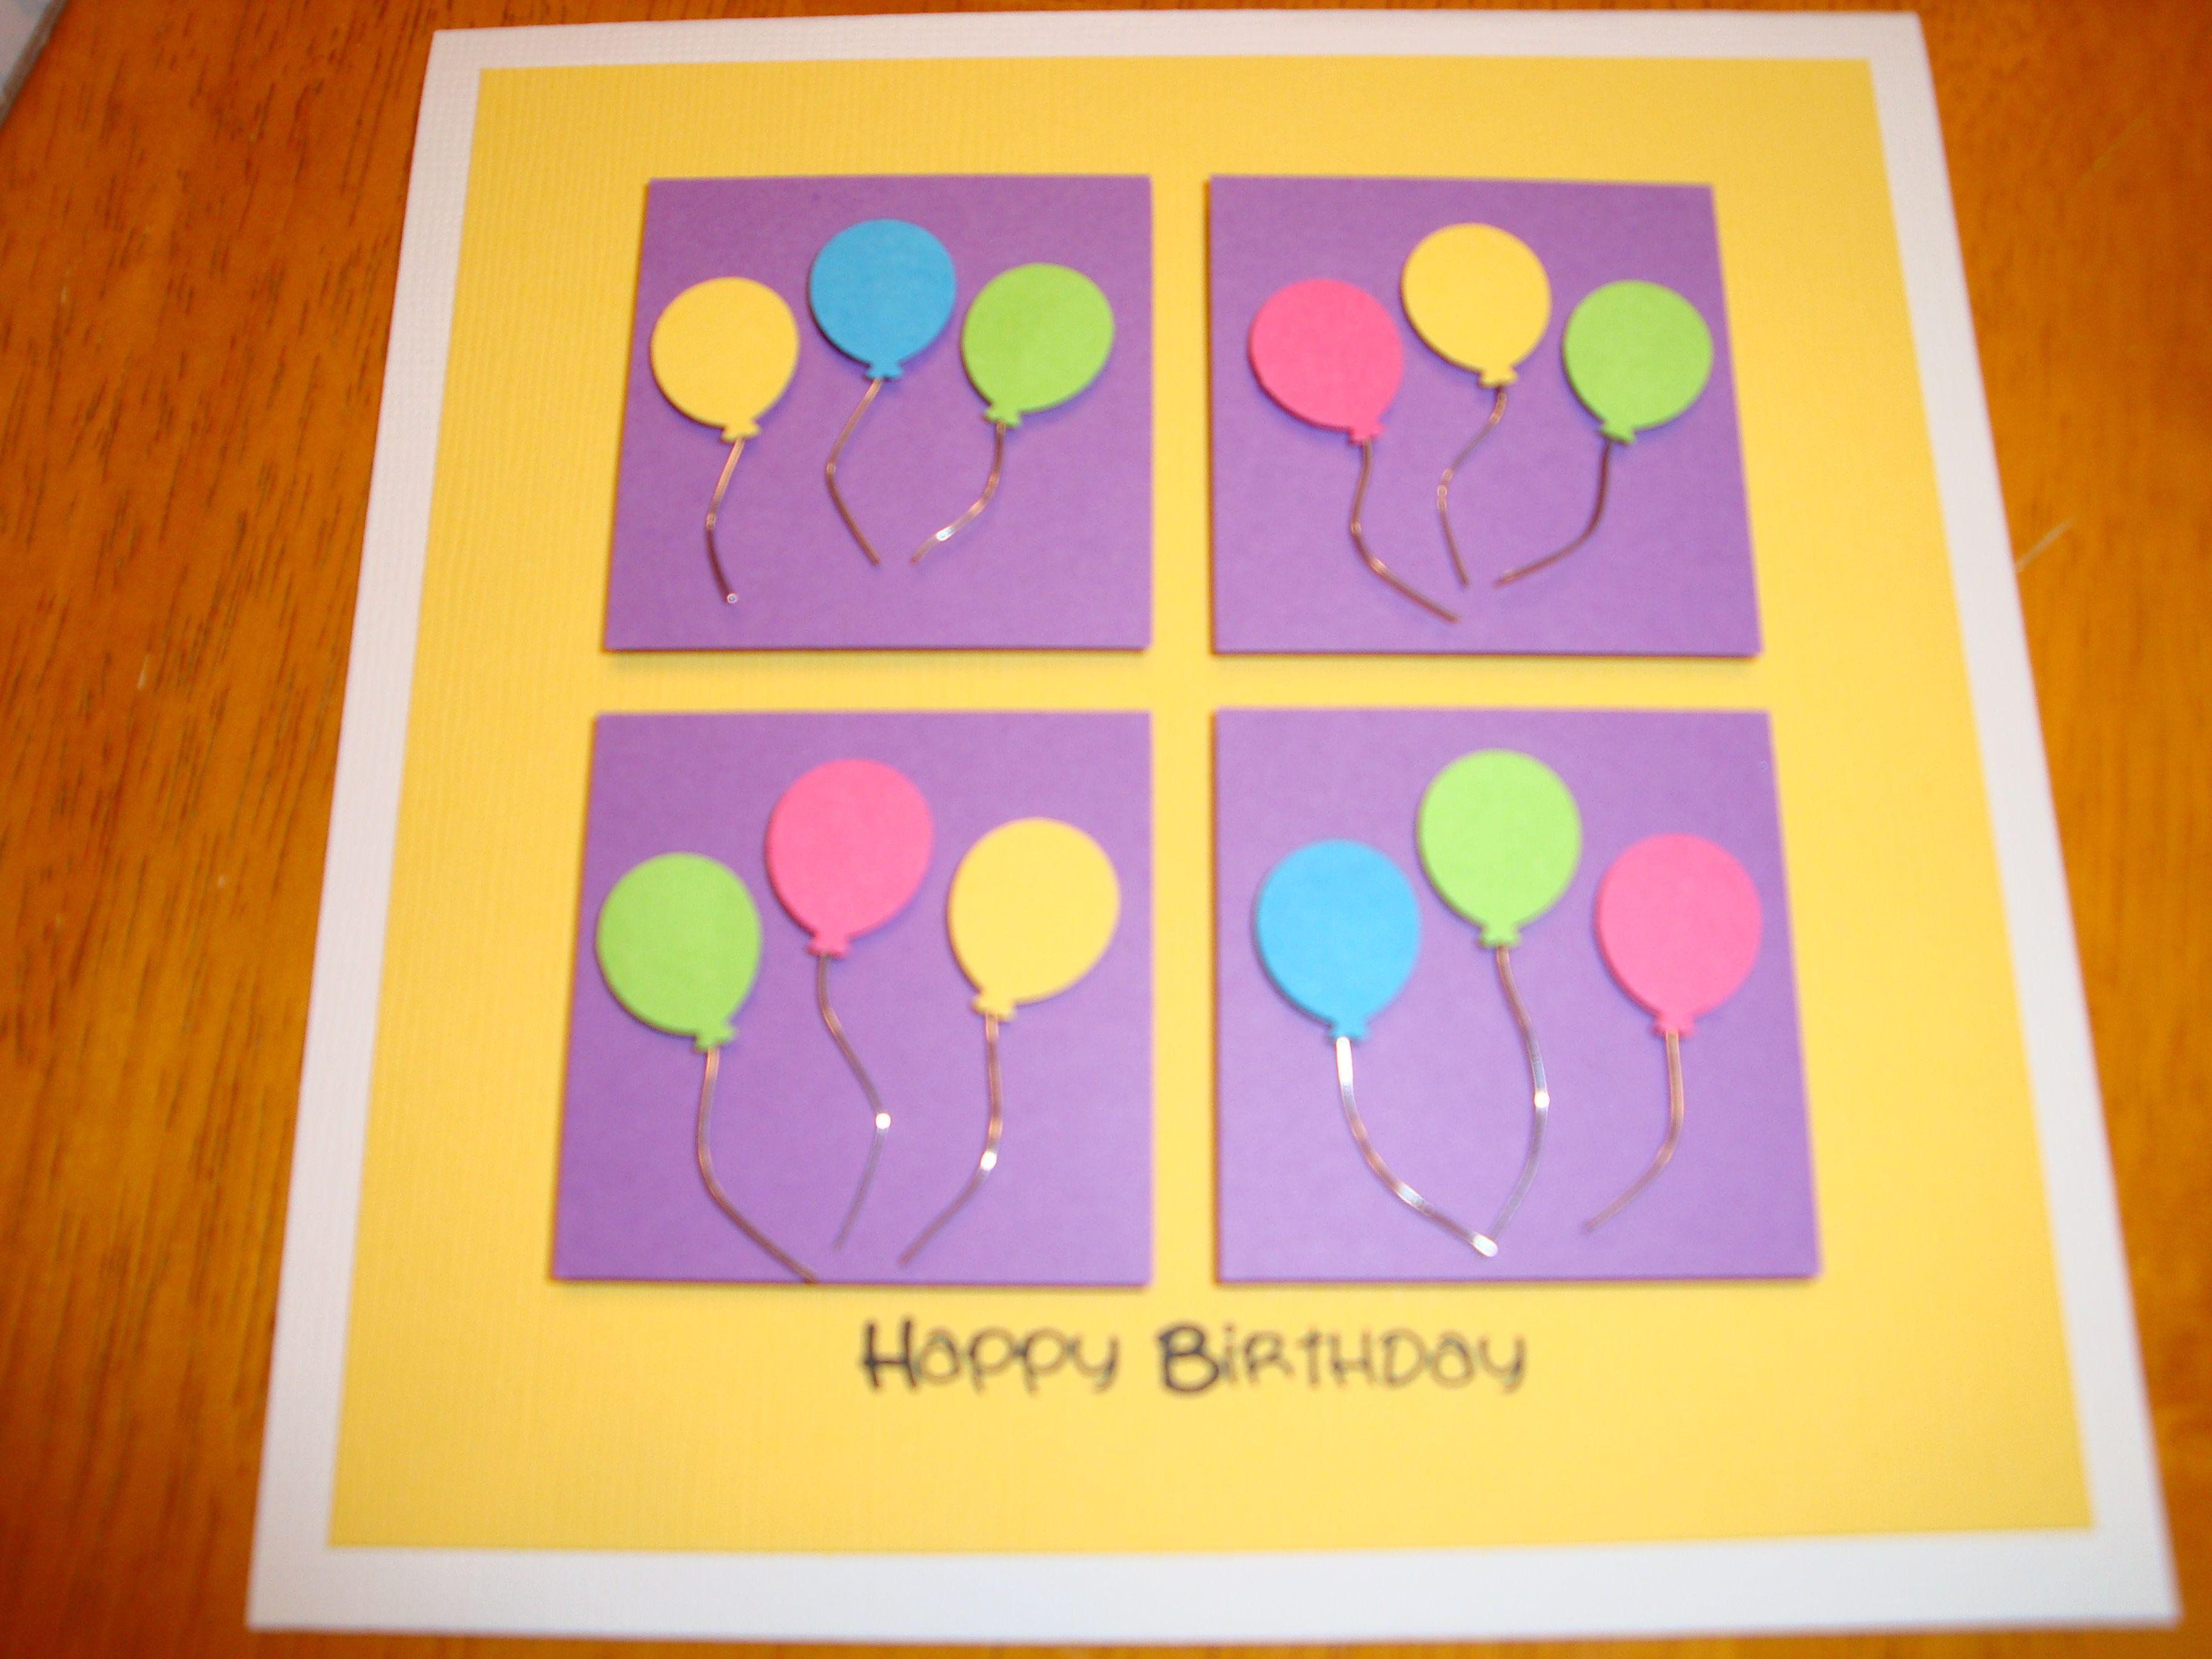 Easy Handmade Birthday Card Card Ideas Pinterest